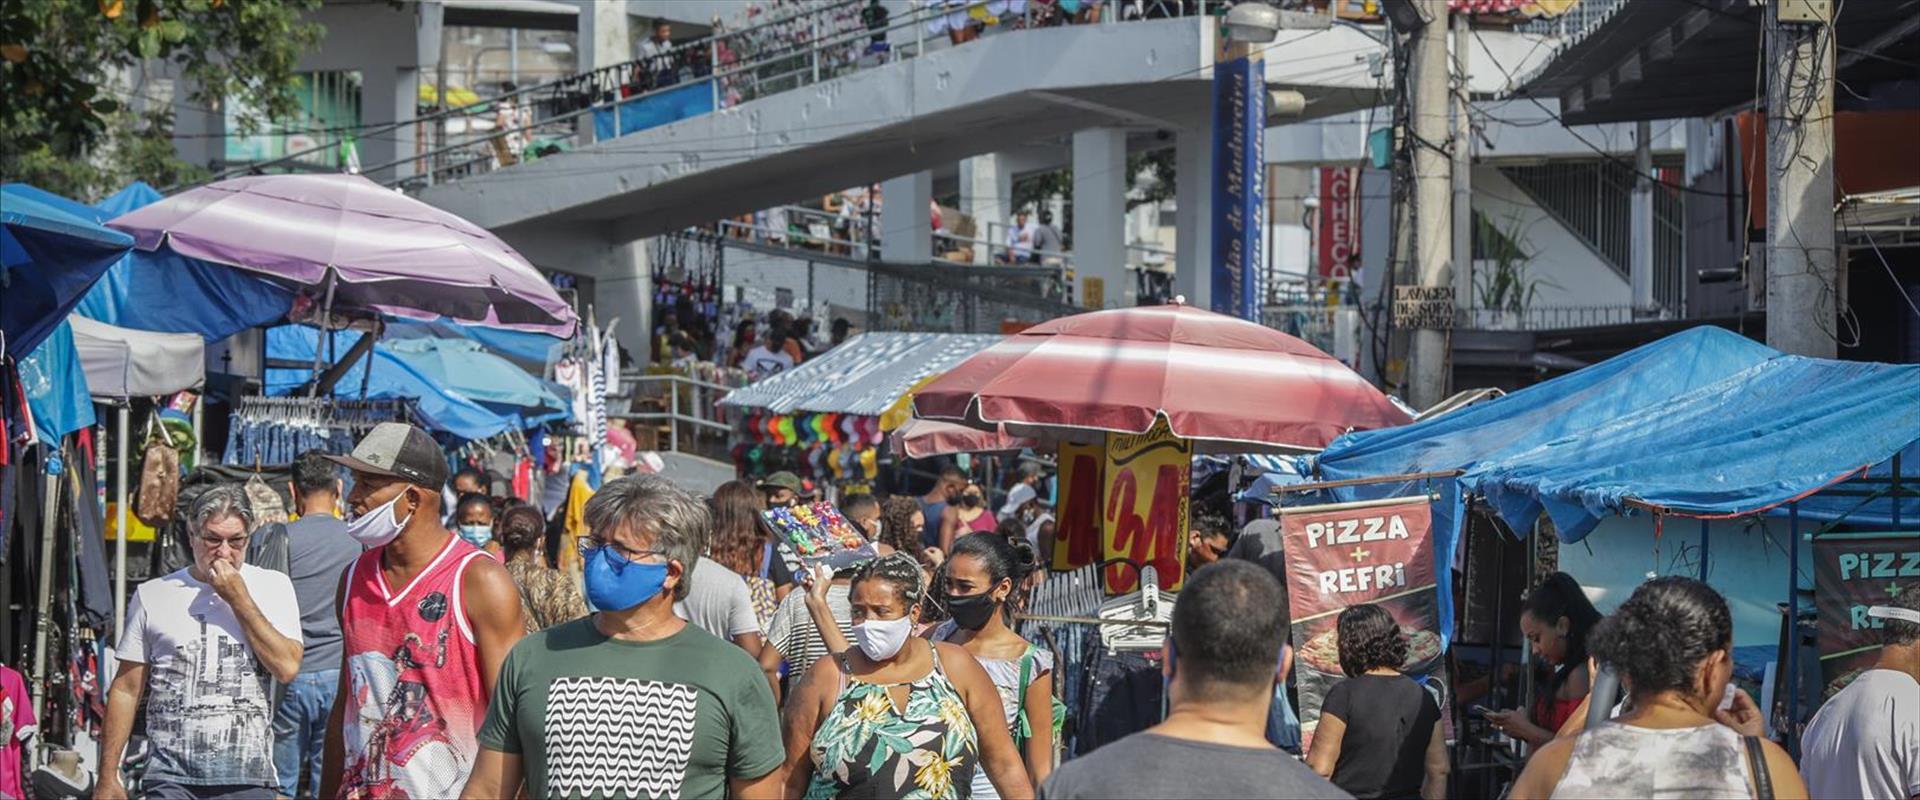 תושבי ריו דה ז'ניירו בברזיל עם מסכות פנים, 17.06.2